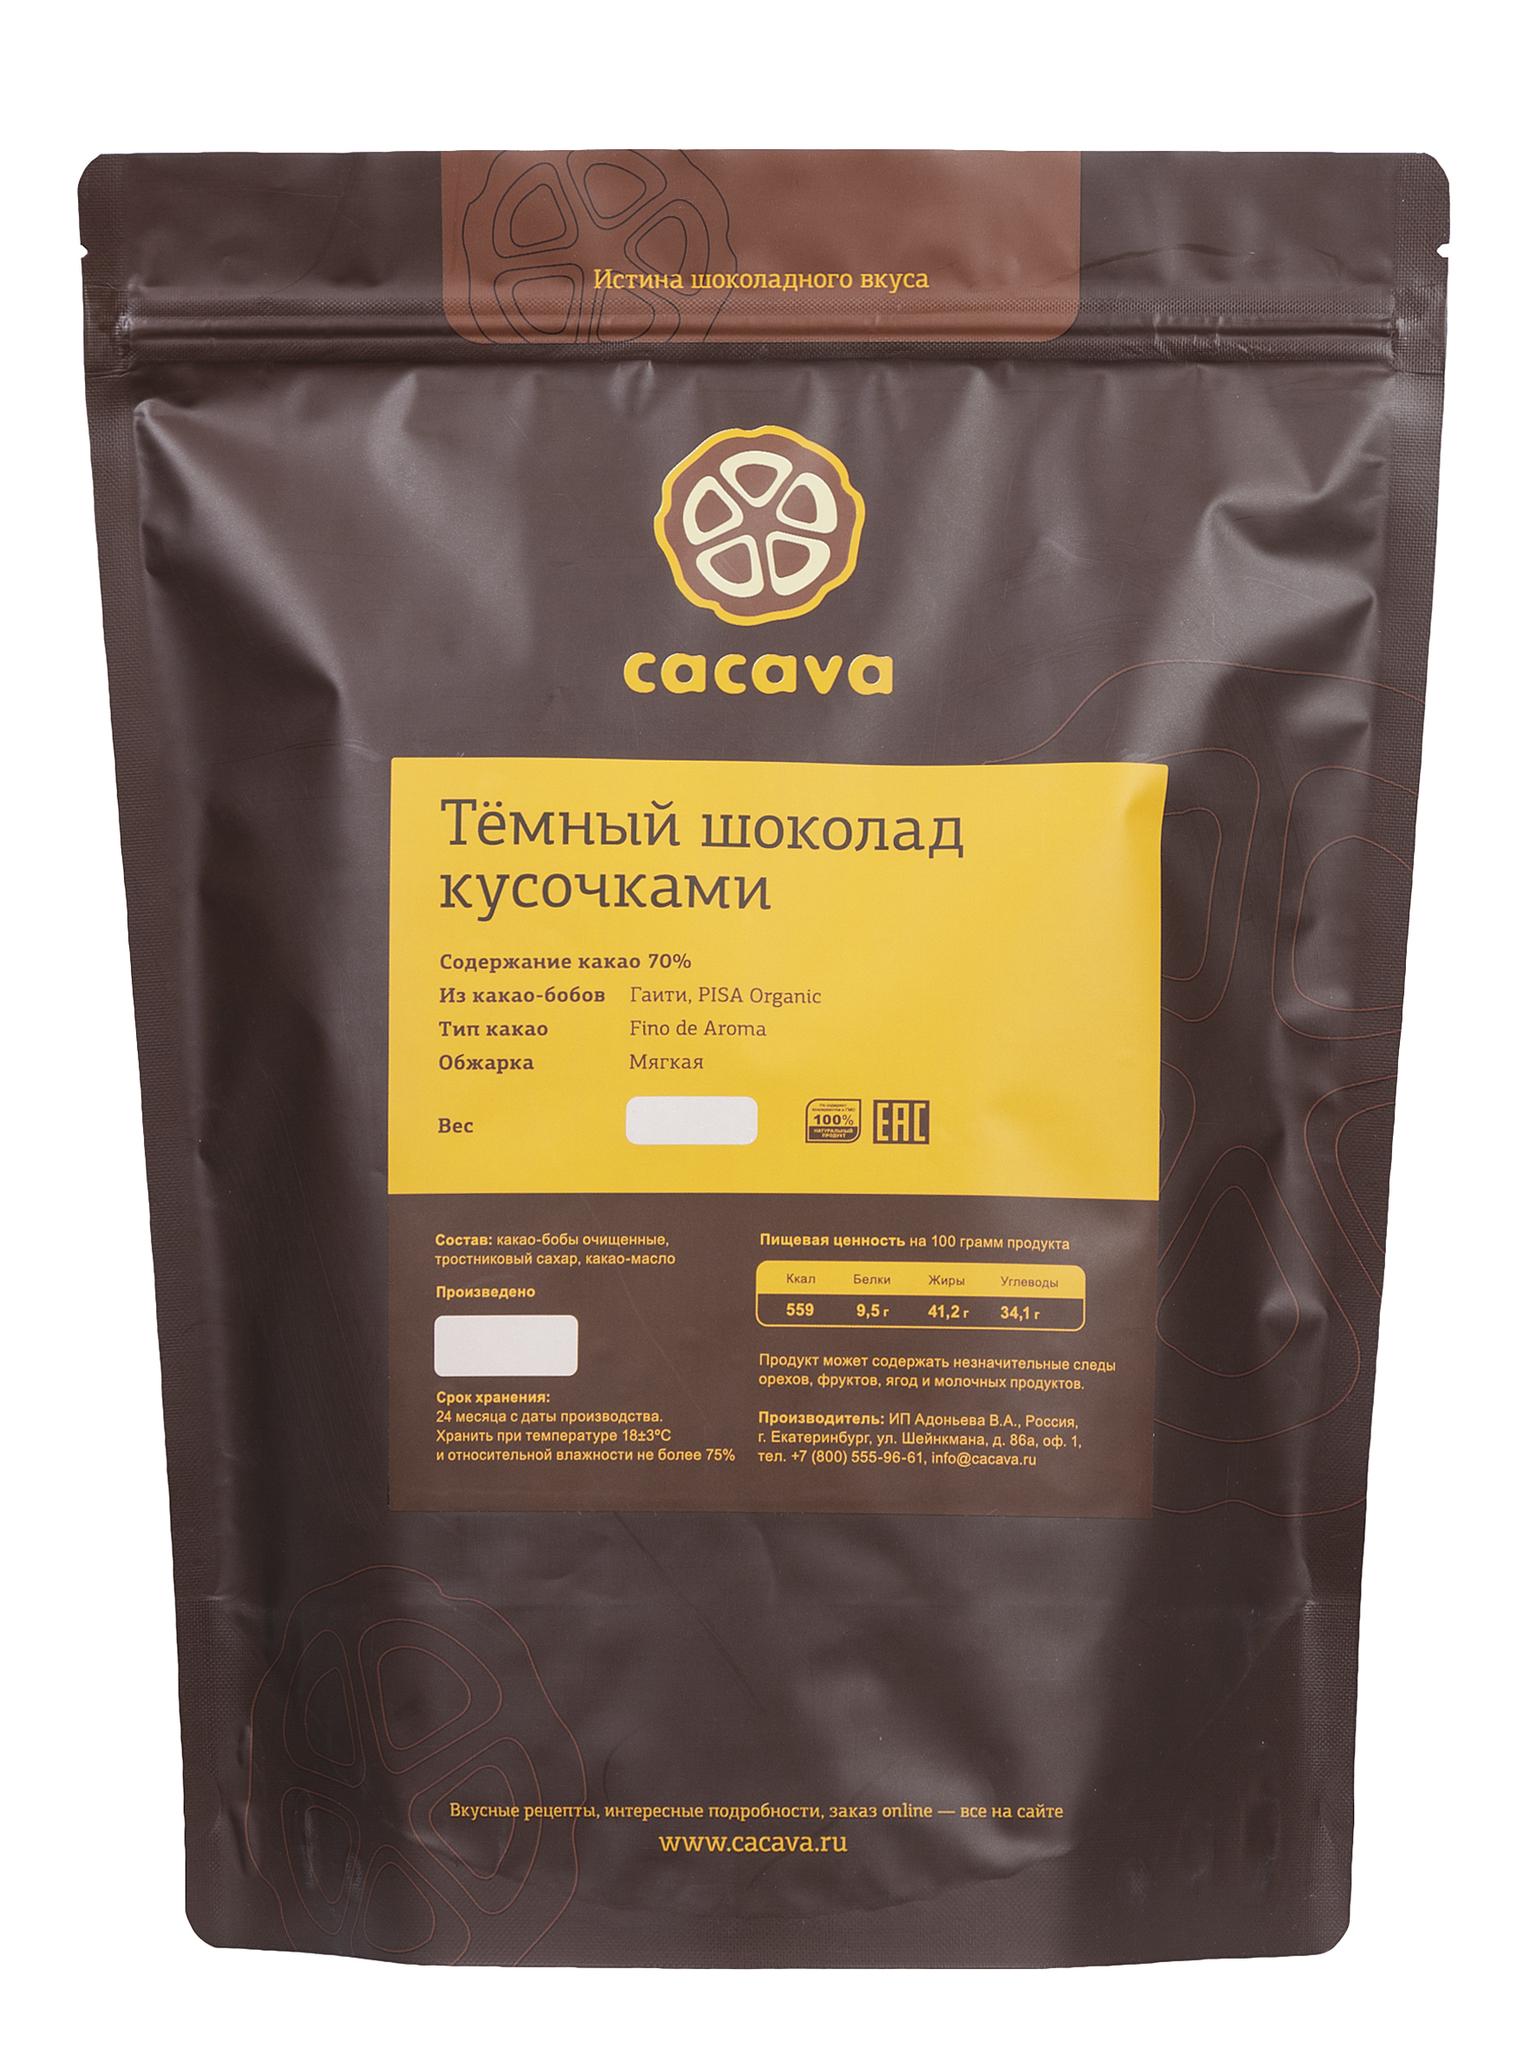 Тёмный шоколад 70 % какао (Гаити), упаковка 1 кг